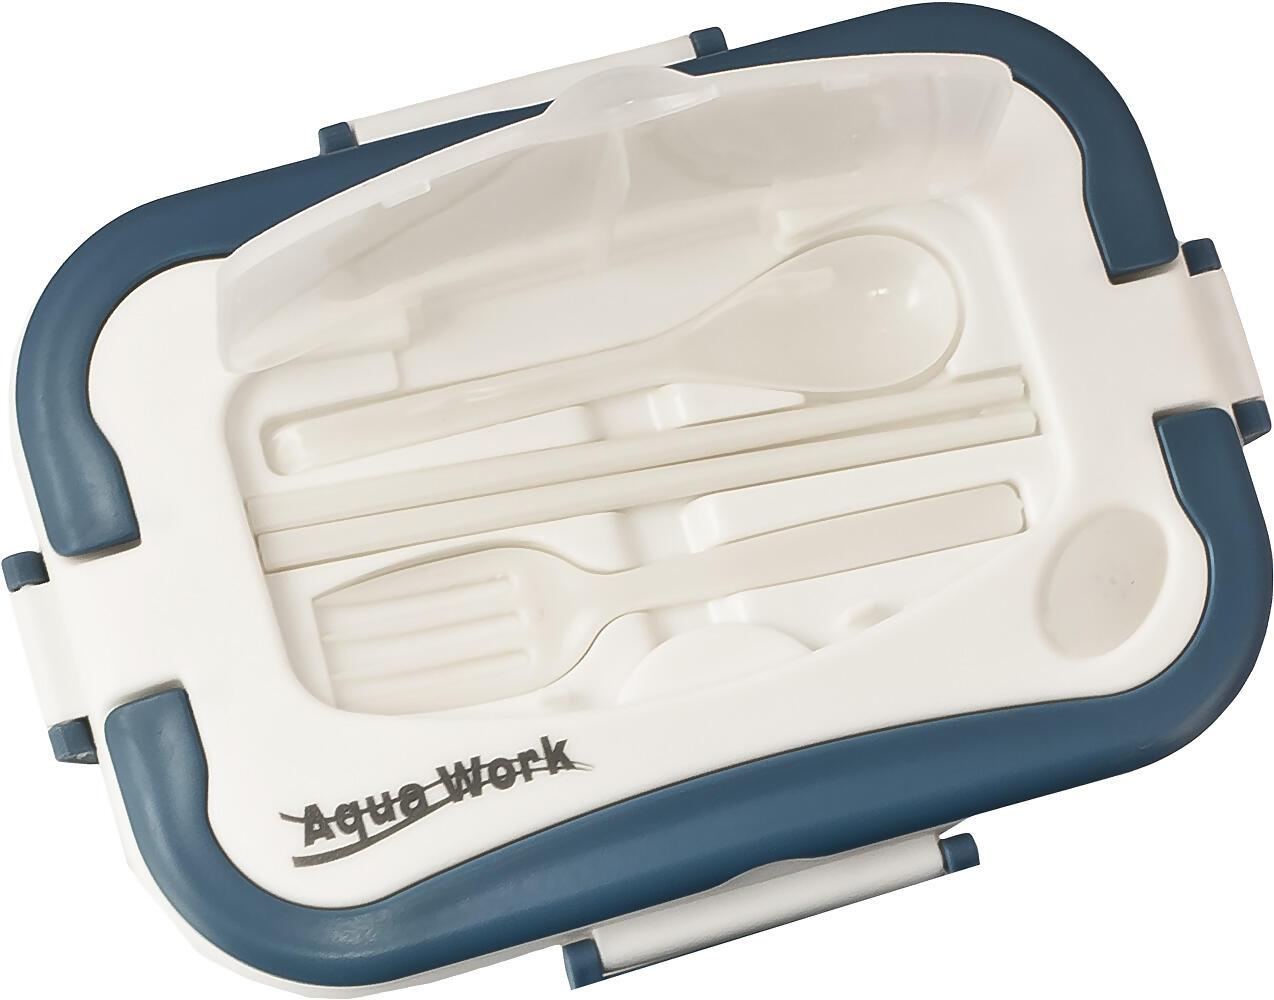 Для Вашего удобства столовые приборы входят в комплект и хранятся в отдельном отсеке